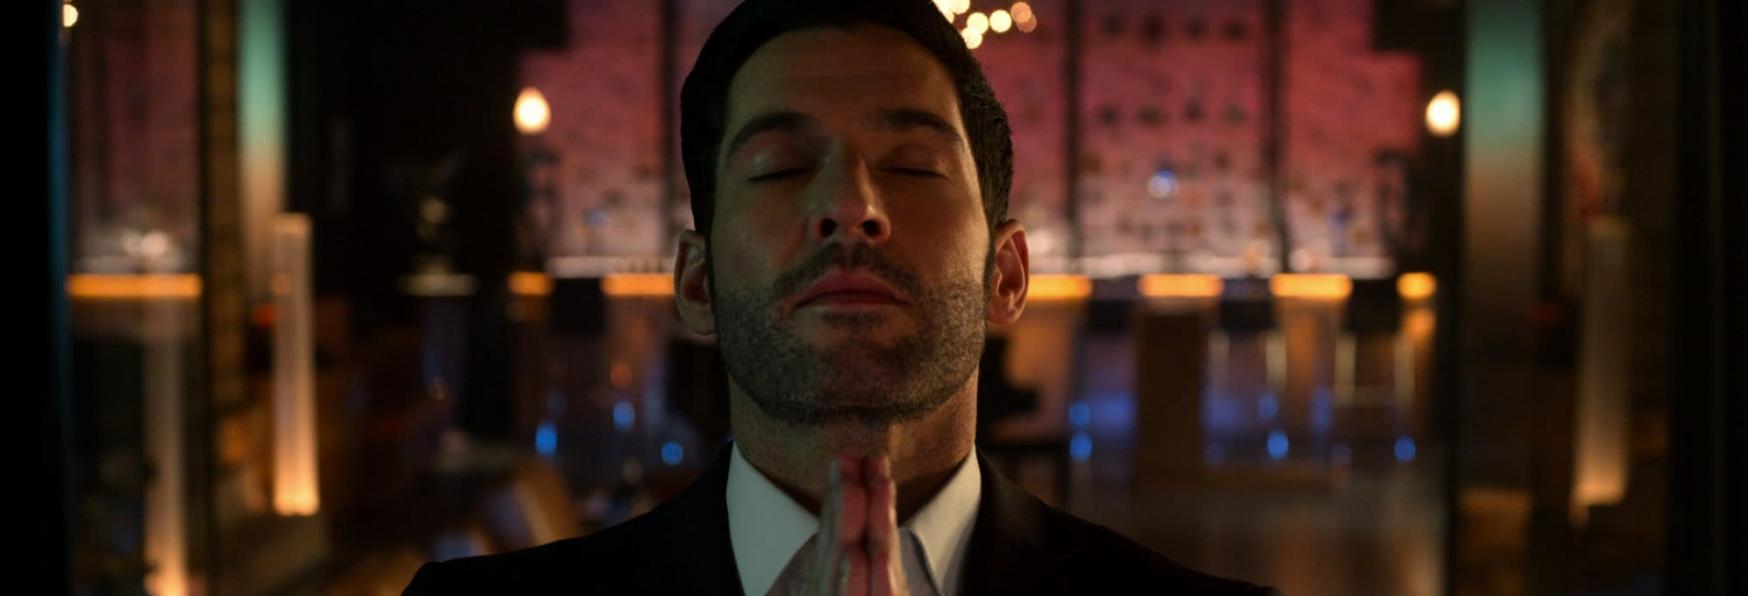 Lucifer 5B: la Spiegazione del Finale di Stagione. Cosa ha in serbo il Futuro della Serie TV?